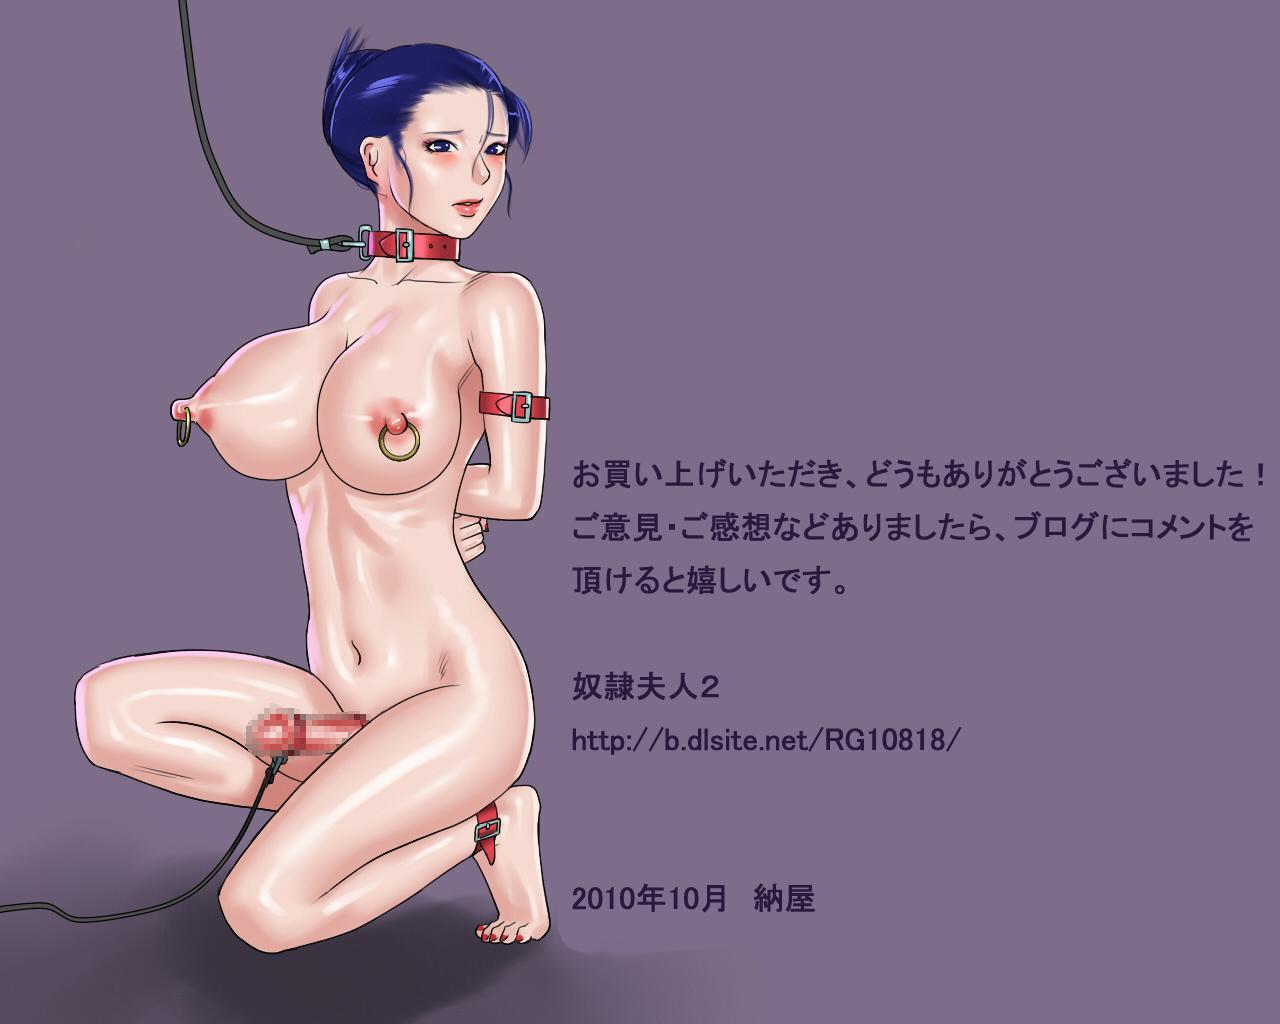 Nyotaika Hentai Anal Maso Youko Chijoku no Koukai Dorei Hokou 36